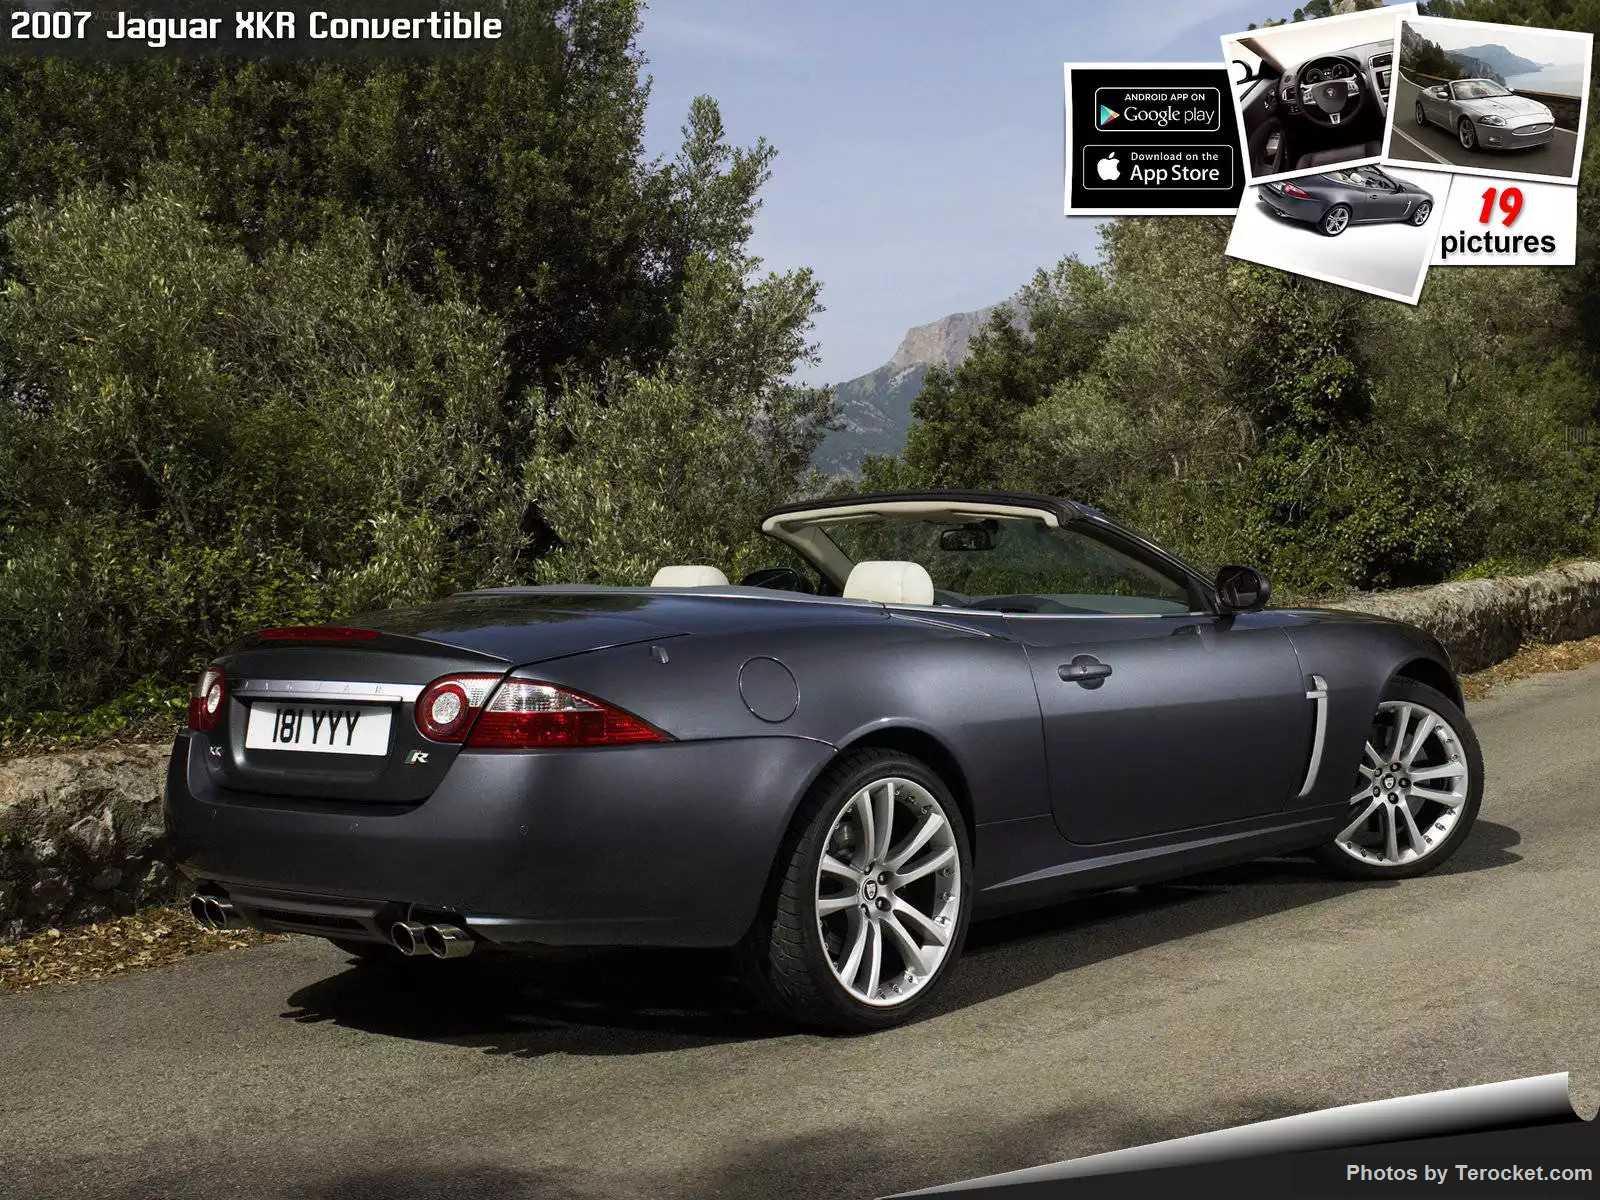 Hình ảnh xe ô tô Jaguar XKR Convertible 2007 & nội ngoại thất